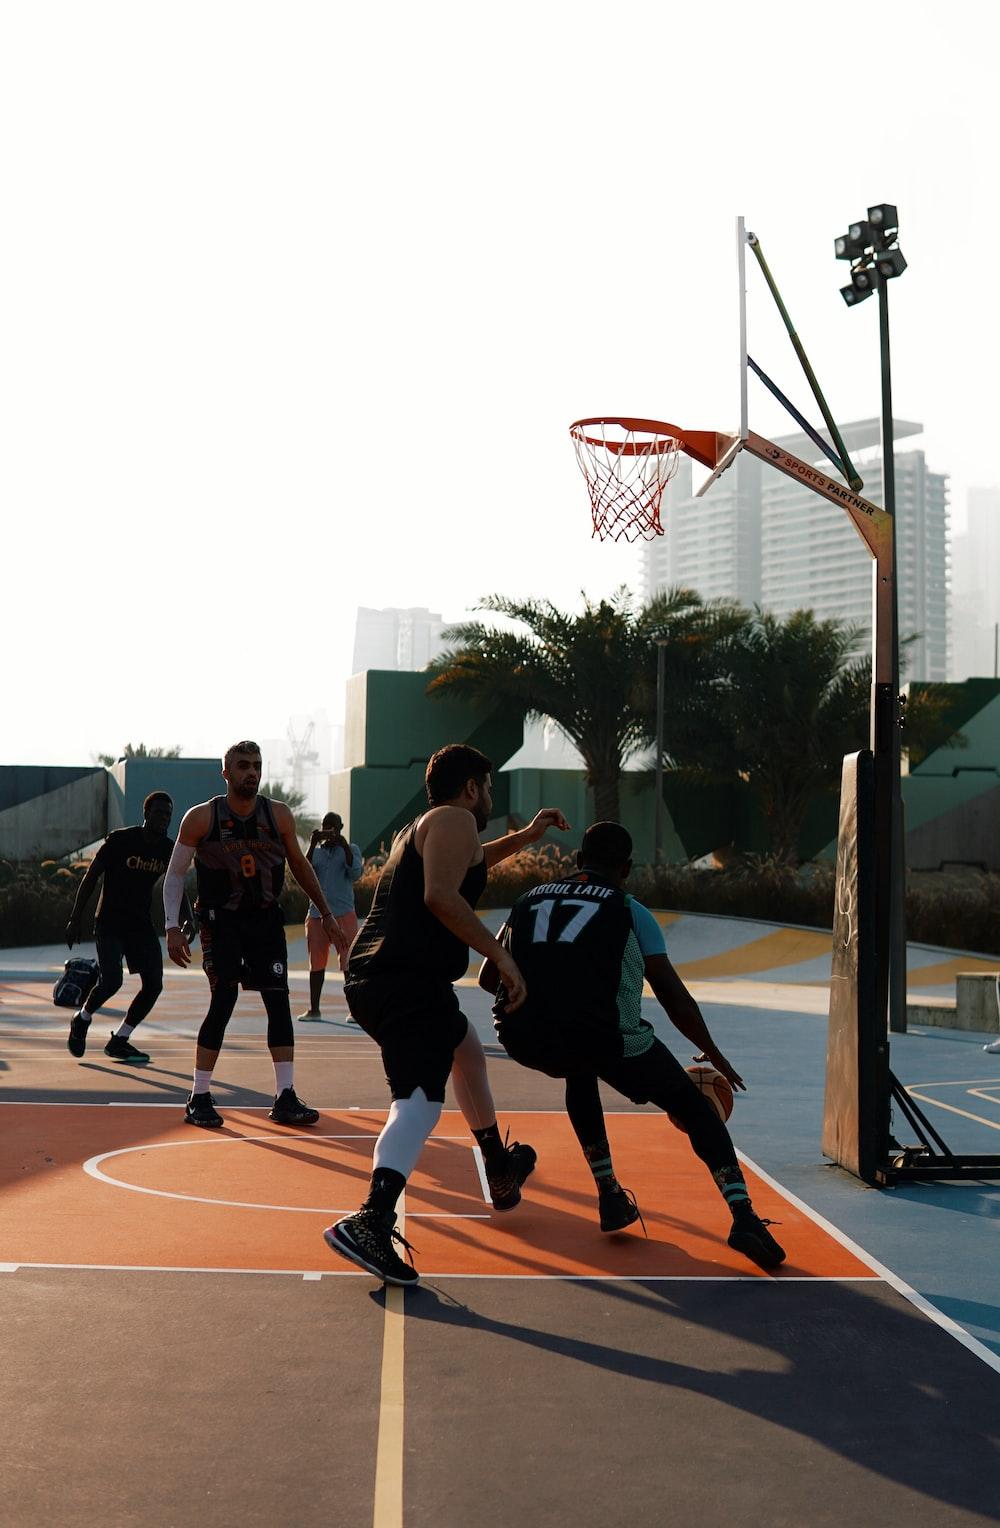 people playing basketball during daytime